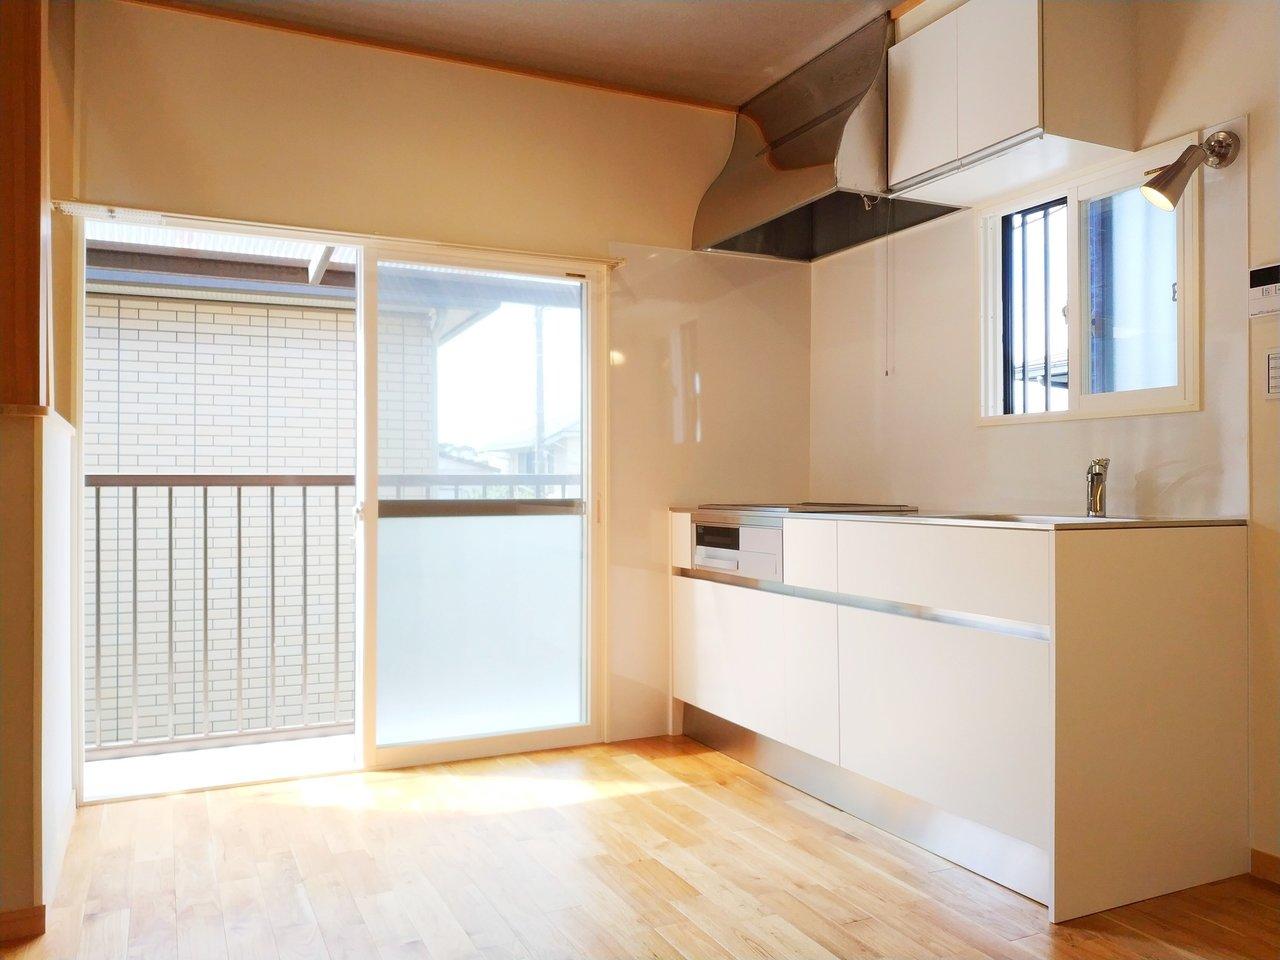 大きな窓のある明るいキッチン、いいですよね。デザインもシンプルでスタイリッシュ。